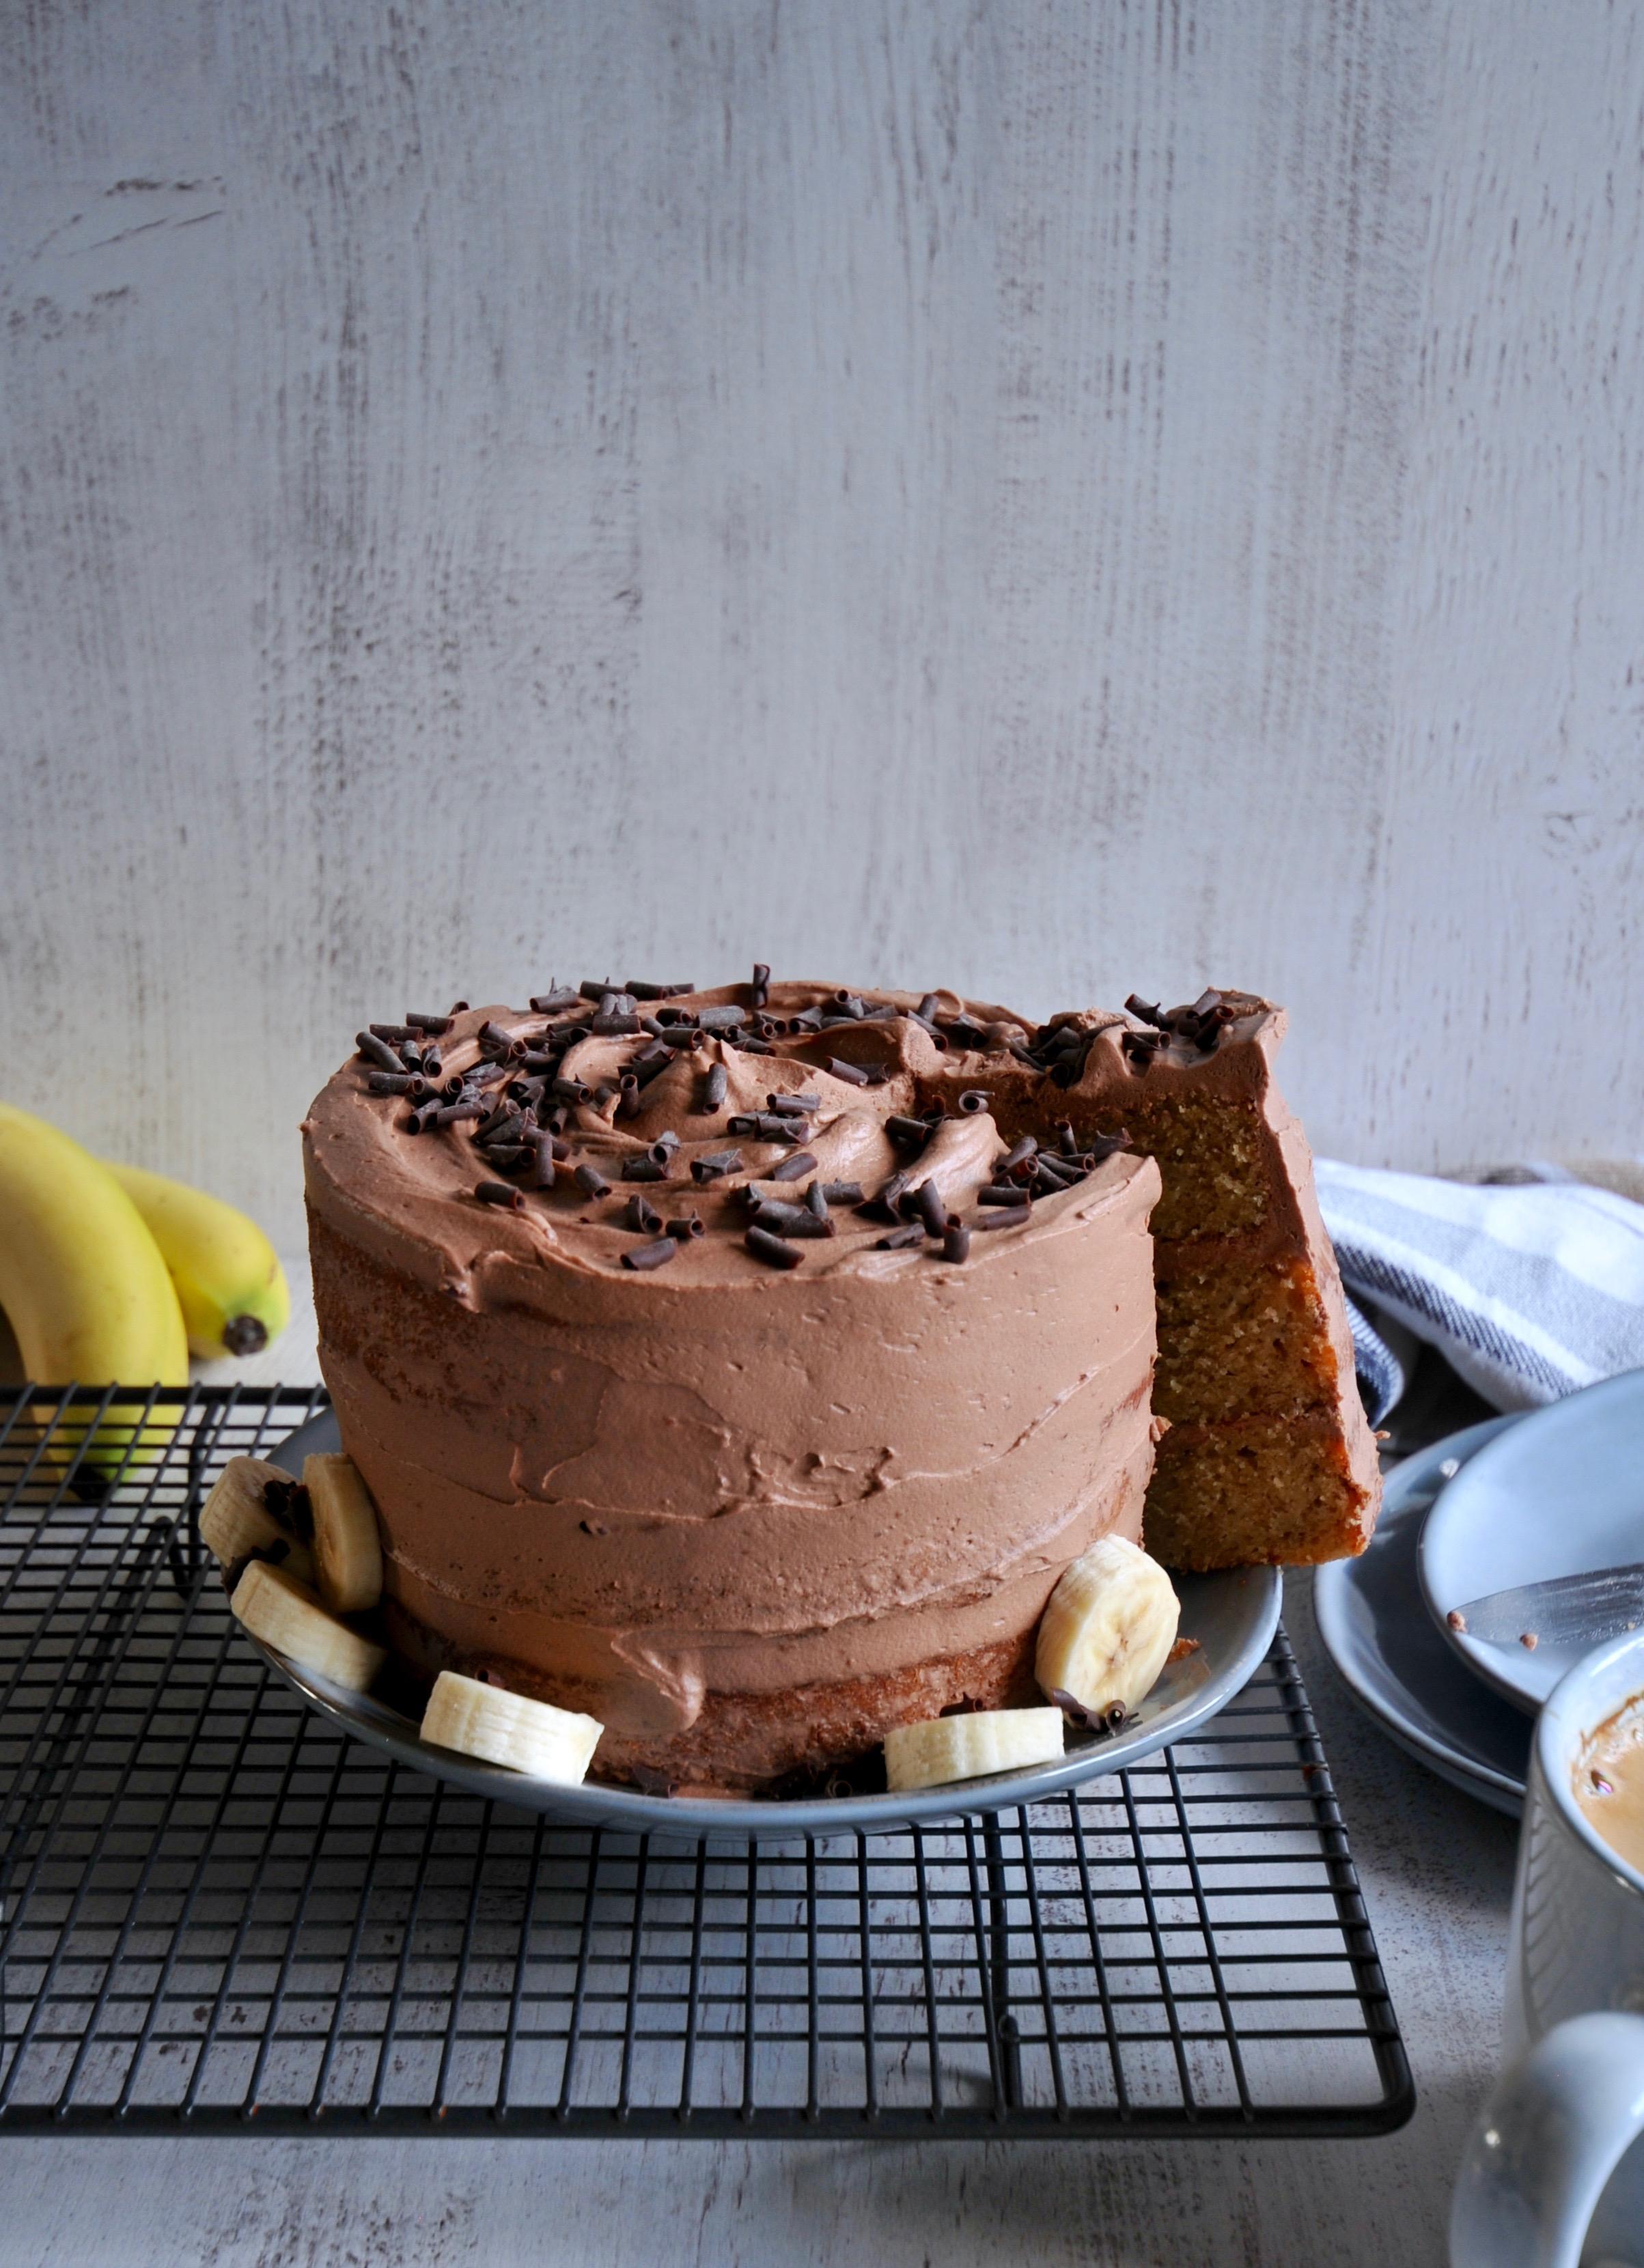 Gratuit Et Facile Sans Gâteau Chocolat Sans Levure Lait Mélange 350g Sans Sucre Agreeable Sweetness Other Baking Accessories Home & Garden